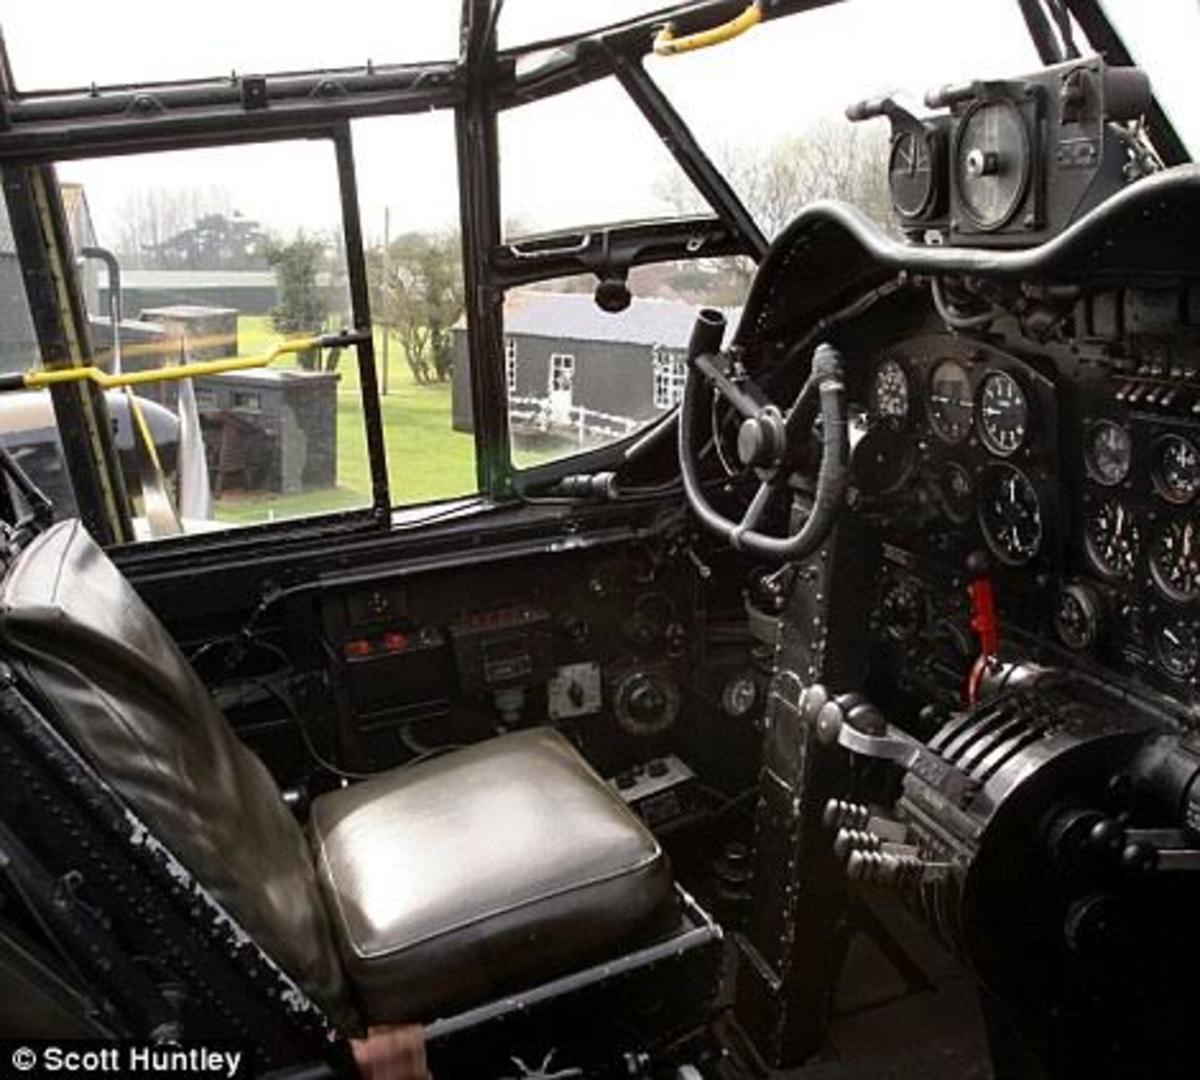 Cockpit of a Lancaster bomber